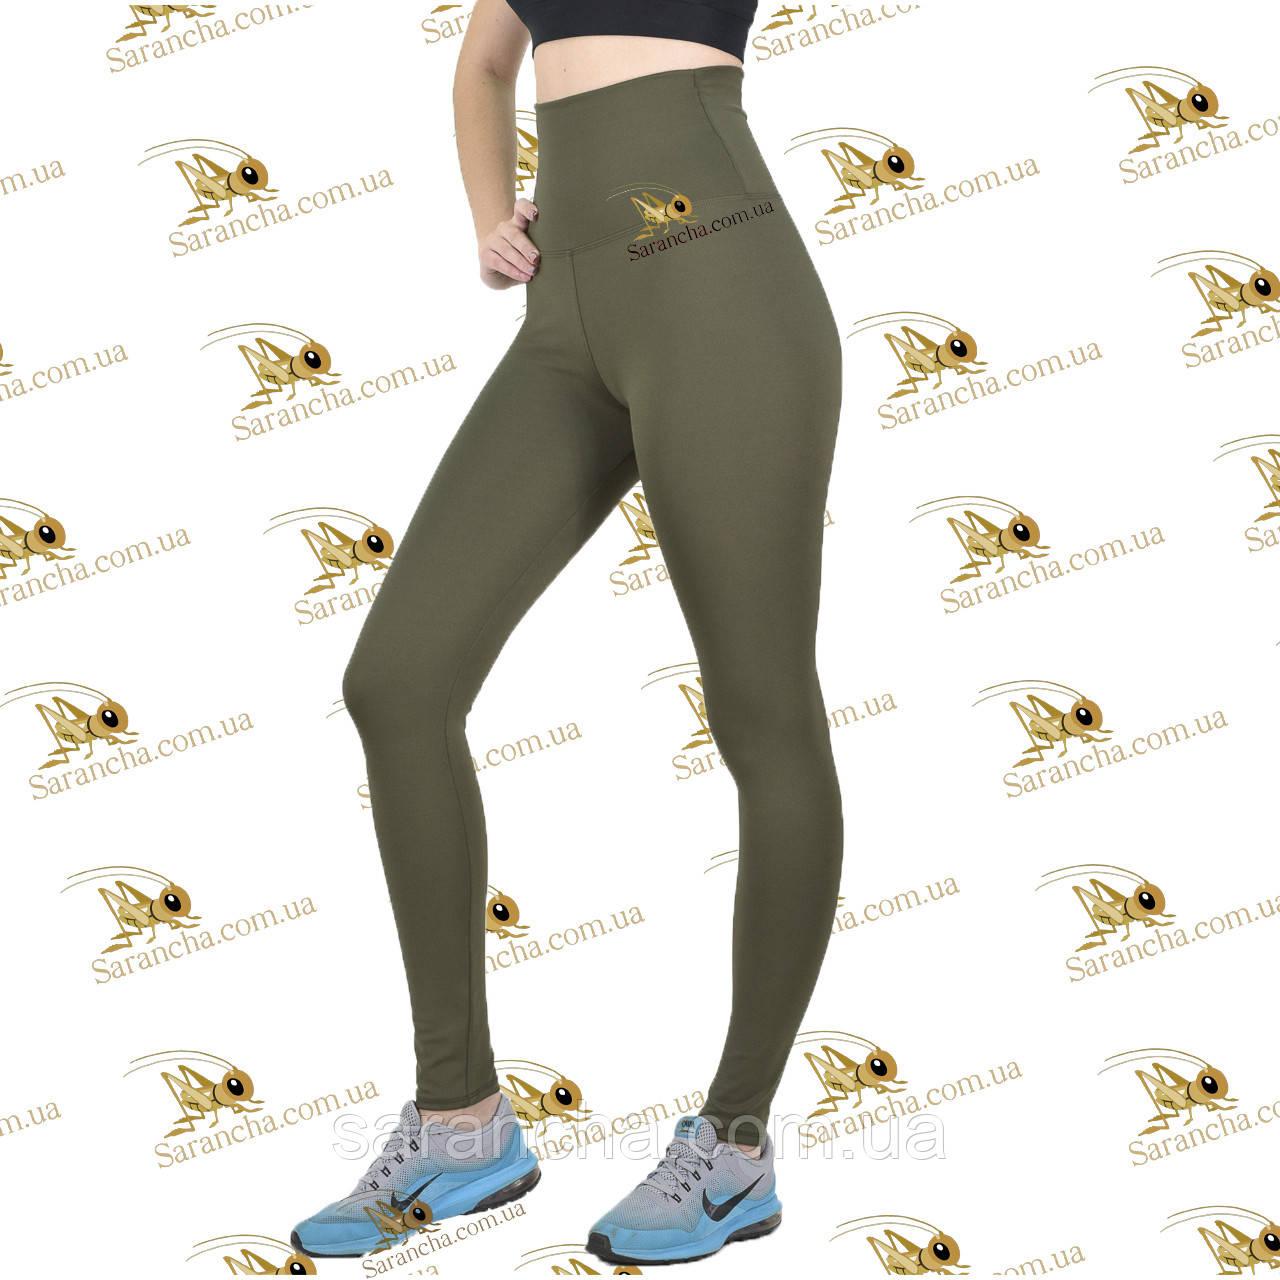 Леггинсы спортивные женские оливкового цвета с эффектом утяжки